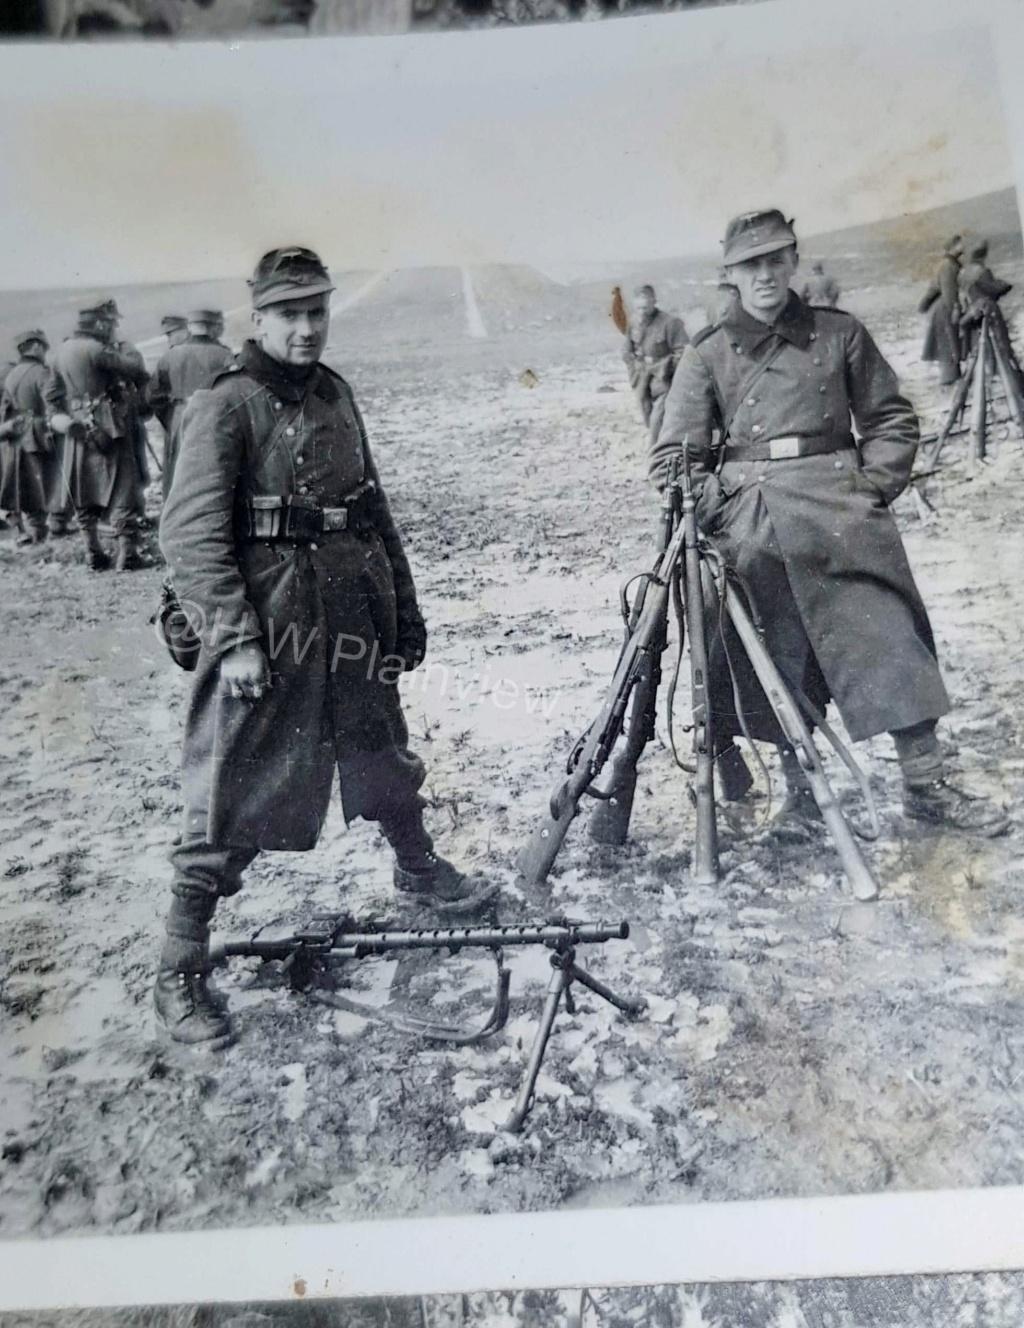 Album Photos WH - L'Invasion Allemande 1940 ! 55942510